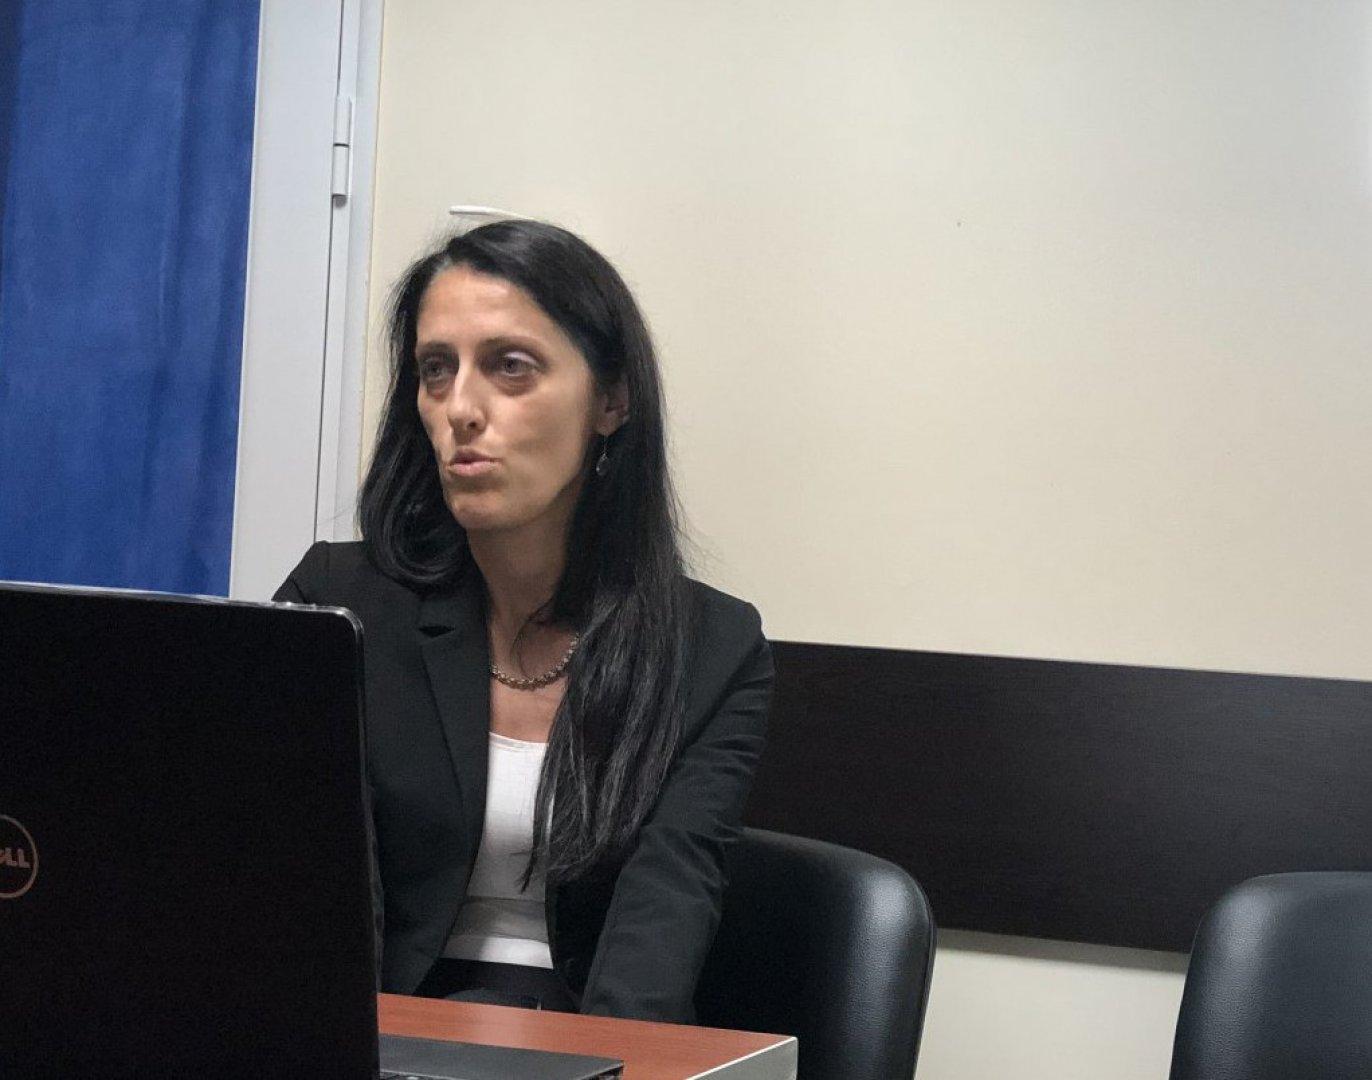 Д-р Маринчева, представи новите начини за лечение на онко заболявания и връзката им с генетичните изследвания. Снимка Авторът